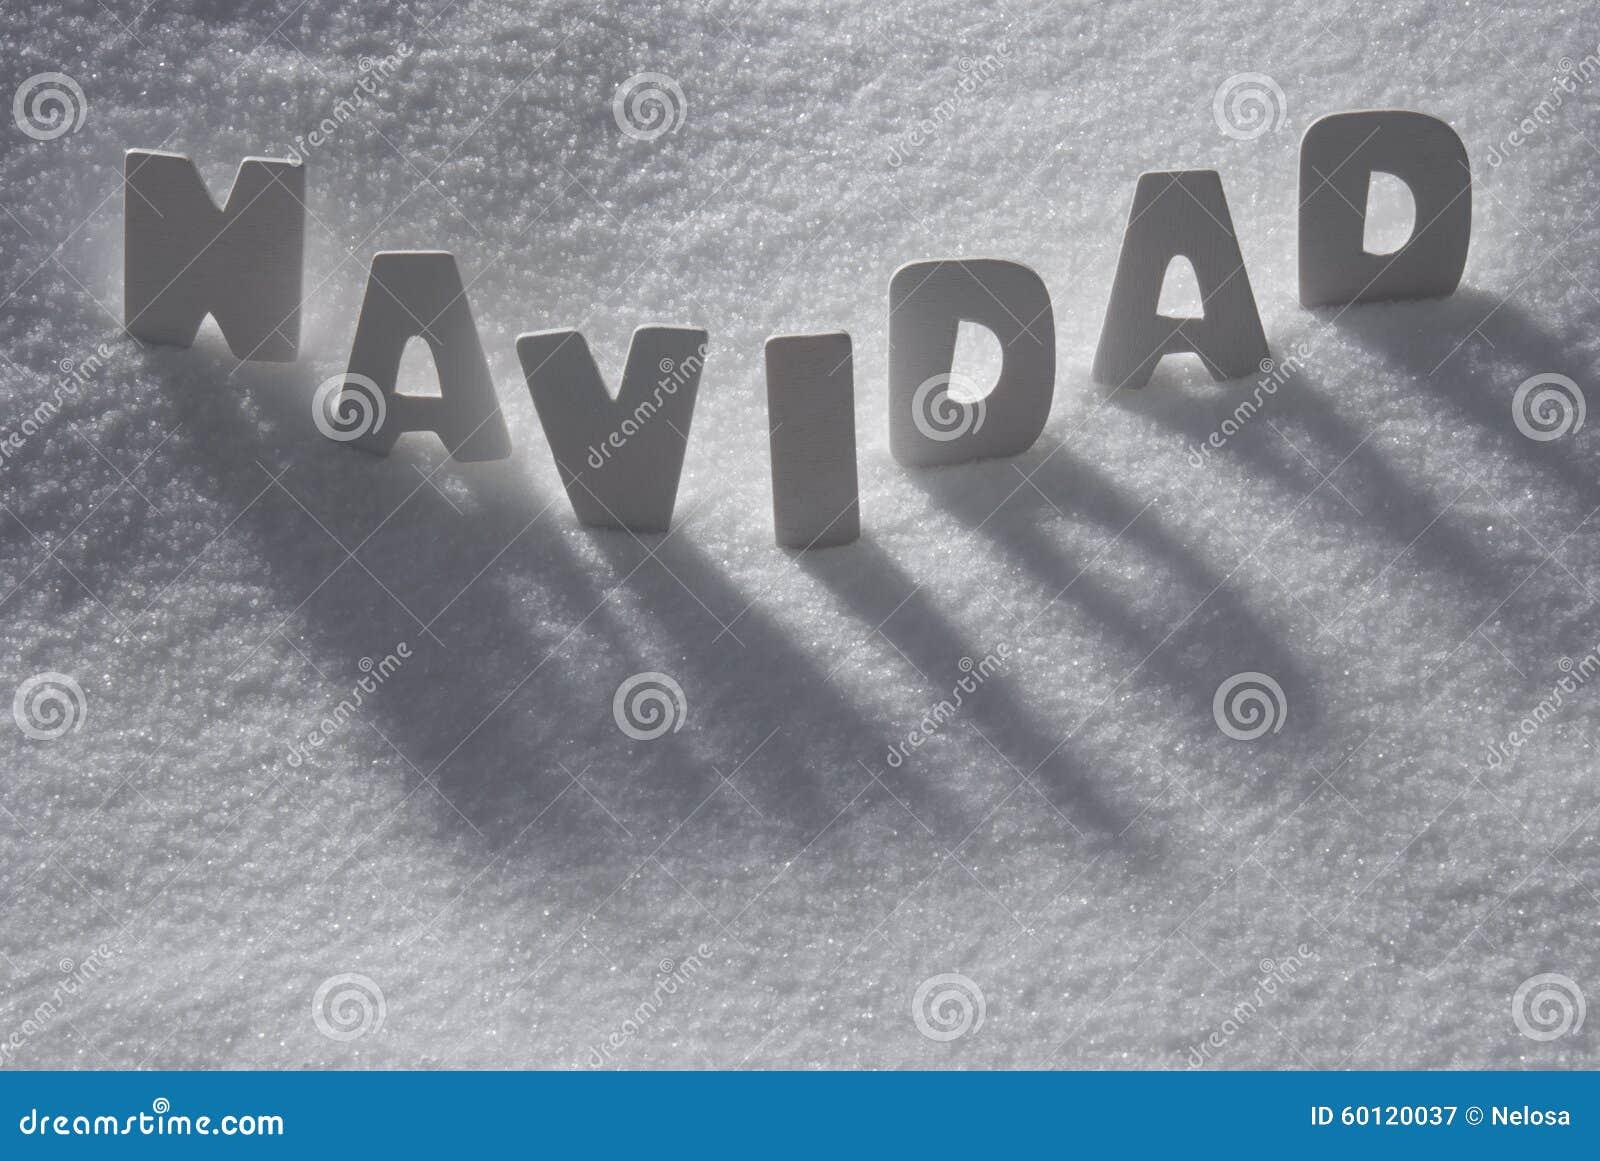 La Parola Natale Significa.La Parola Bianca Navidad Significa Il Natale Su Neve Fiocchi Di Neve Immagine Stock Immagine Di Lettere Allegro 60120037